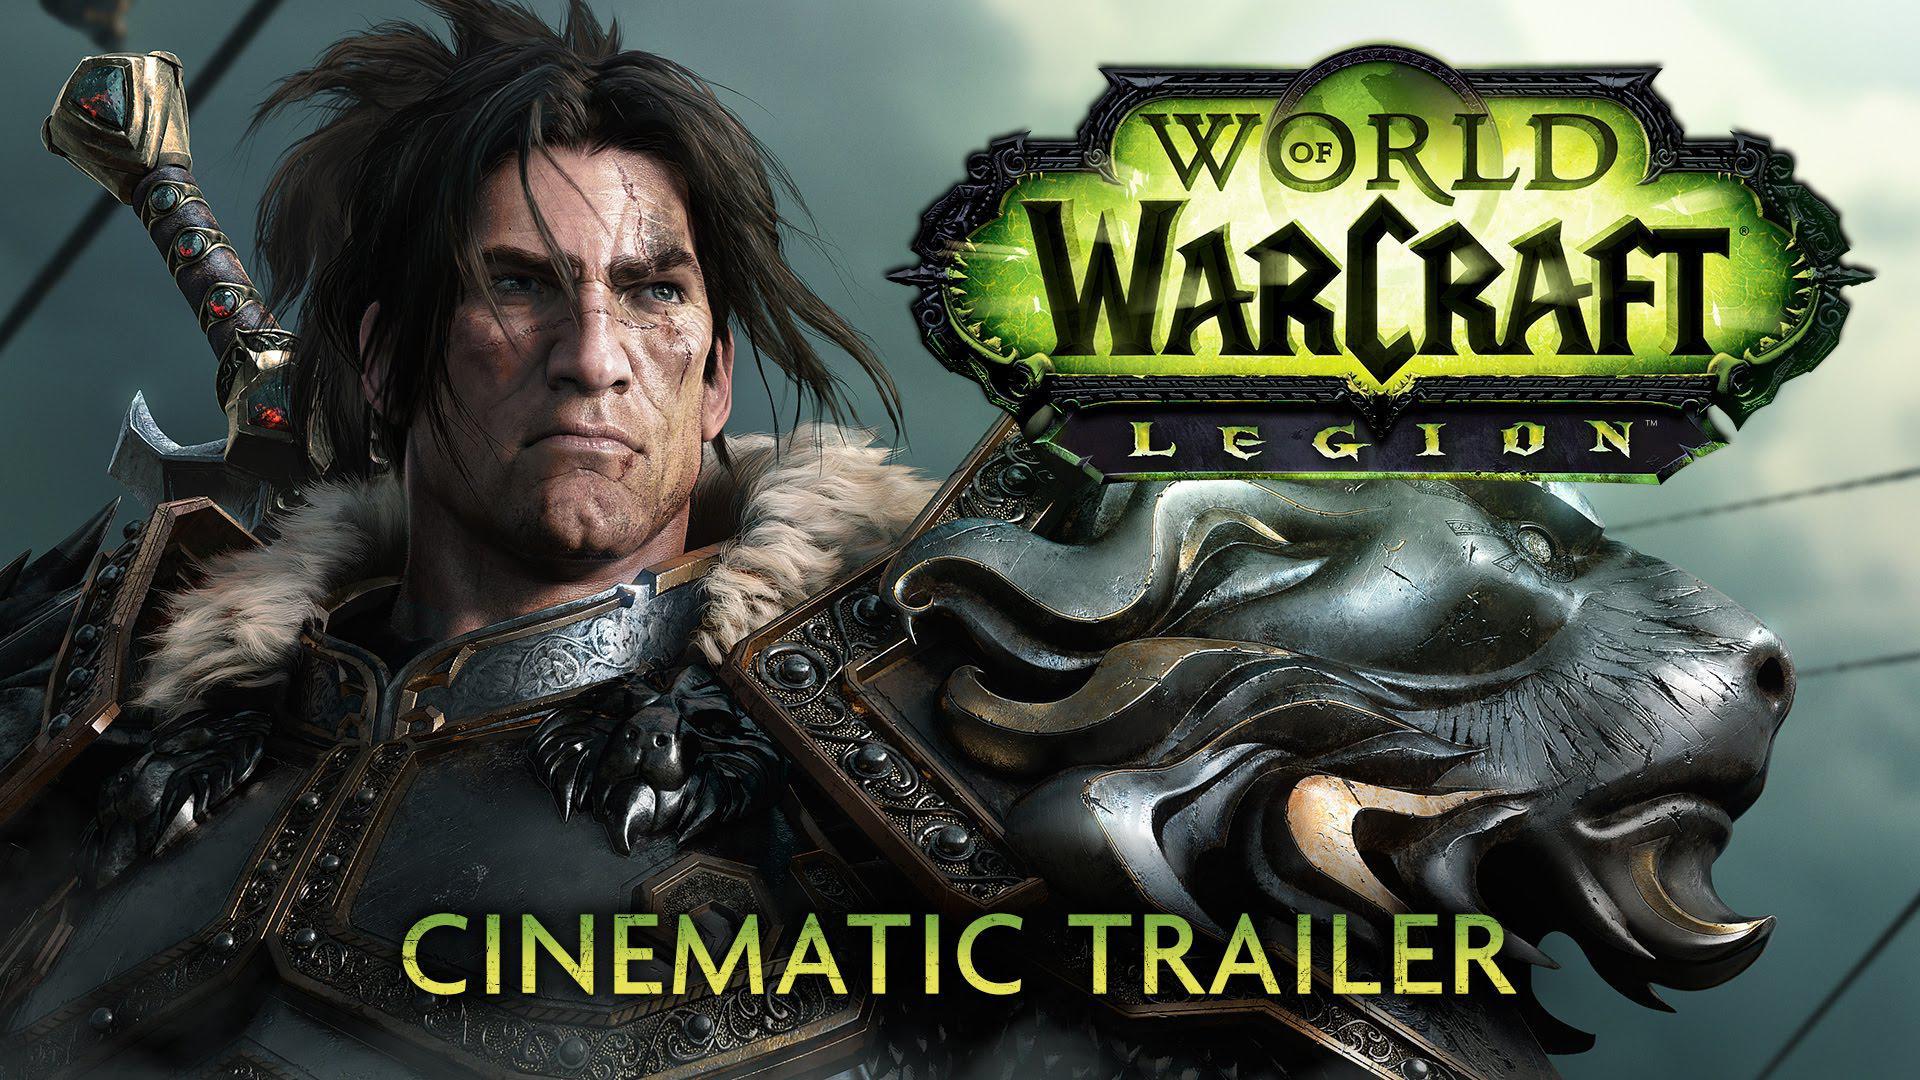 World of Warcraft: Legion primește trailer cinematic